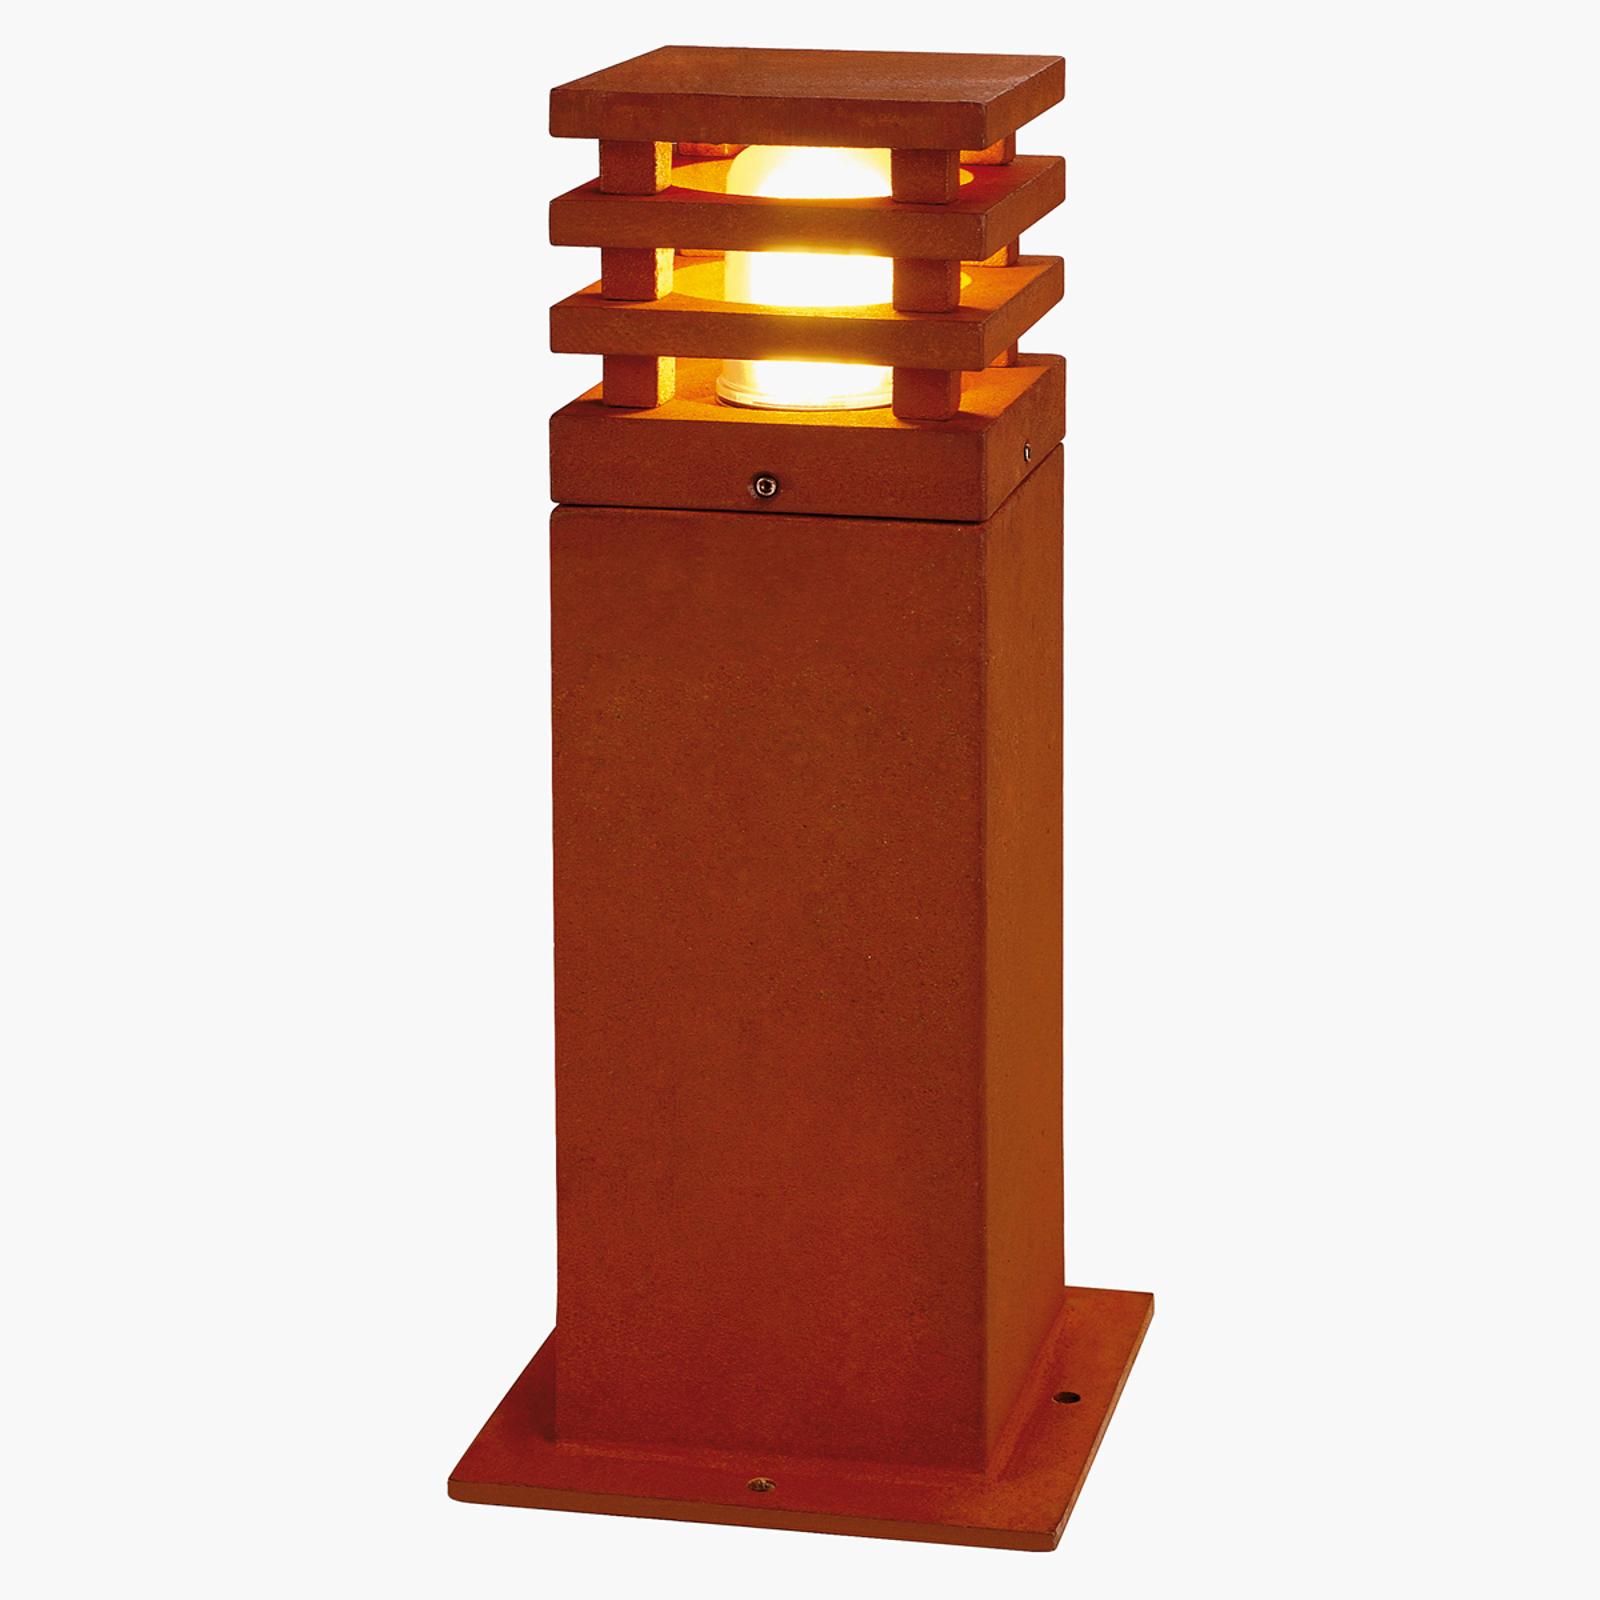 Lampada con piedistallo alta qualità Rusty Square